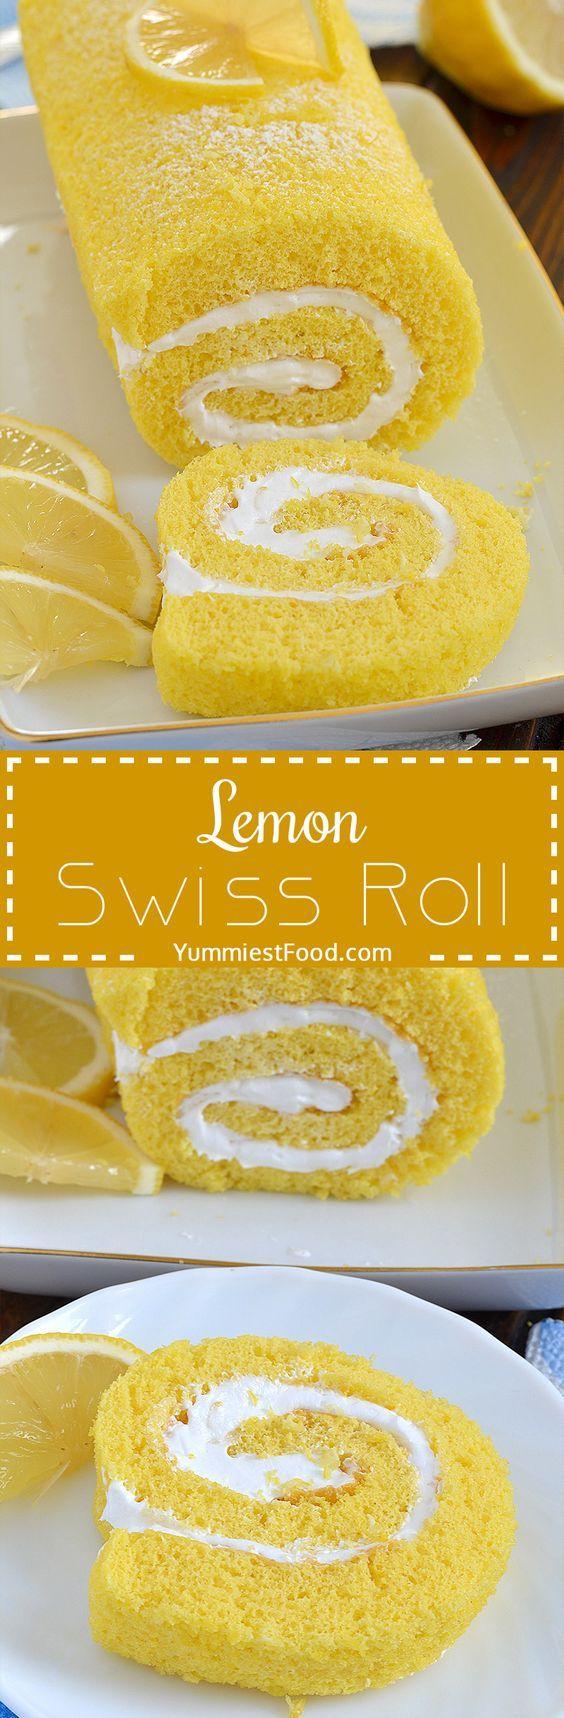 Lemon Swiss Roll - Featured Recipe #rollcake